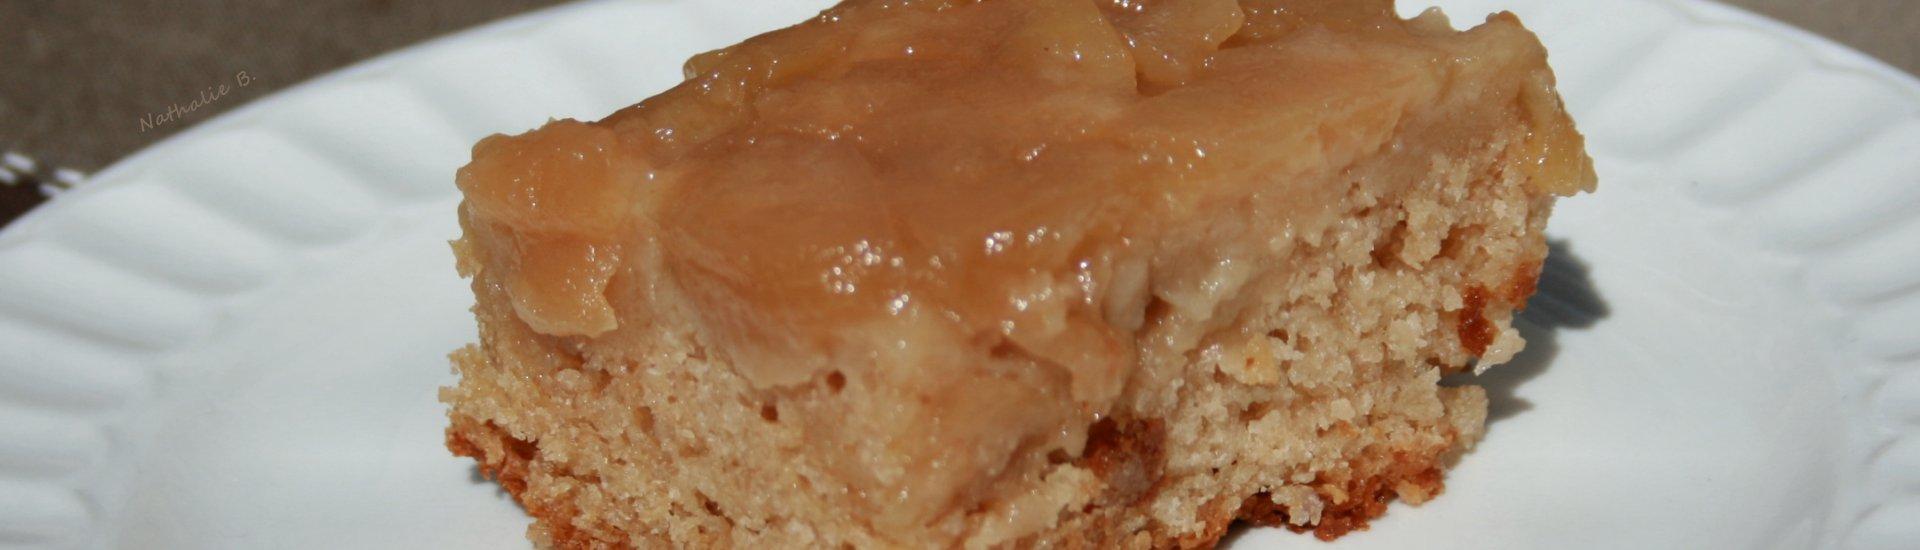 Gâteau renversé aux pommes et à l'érable